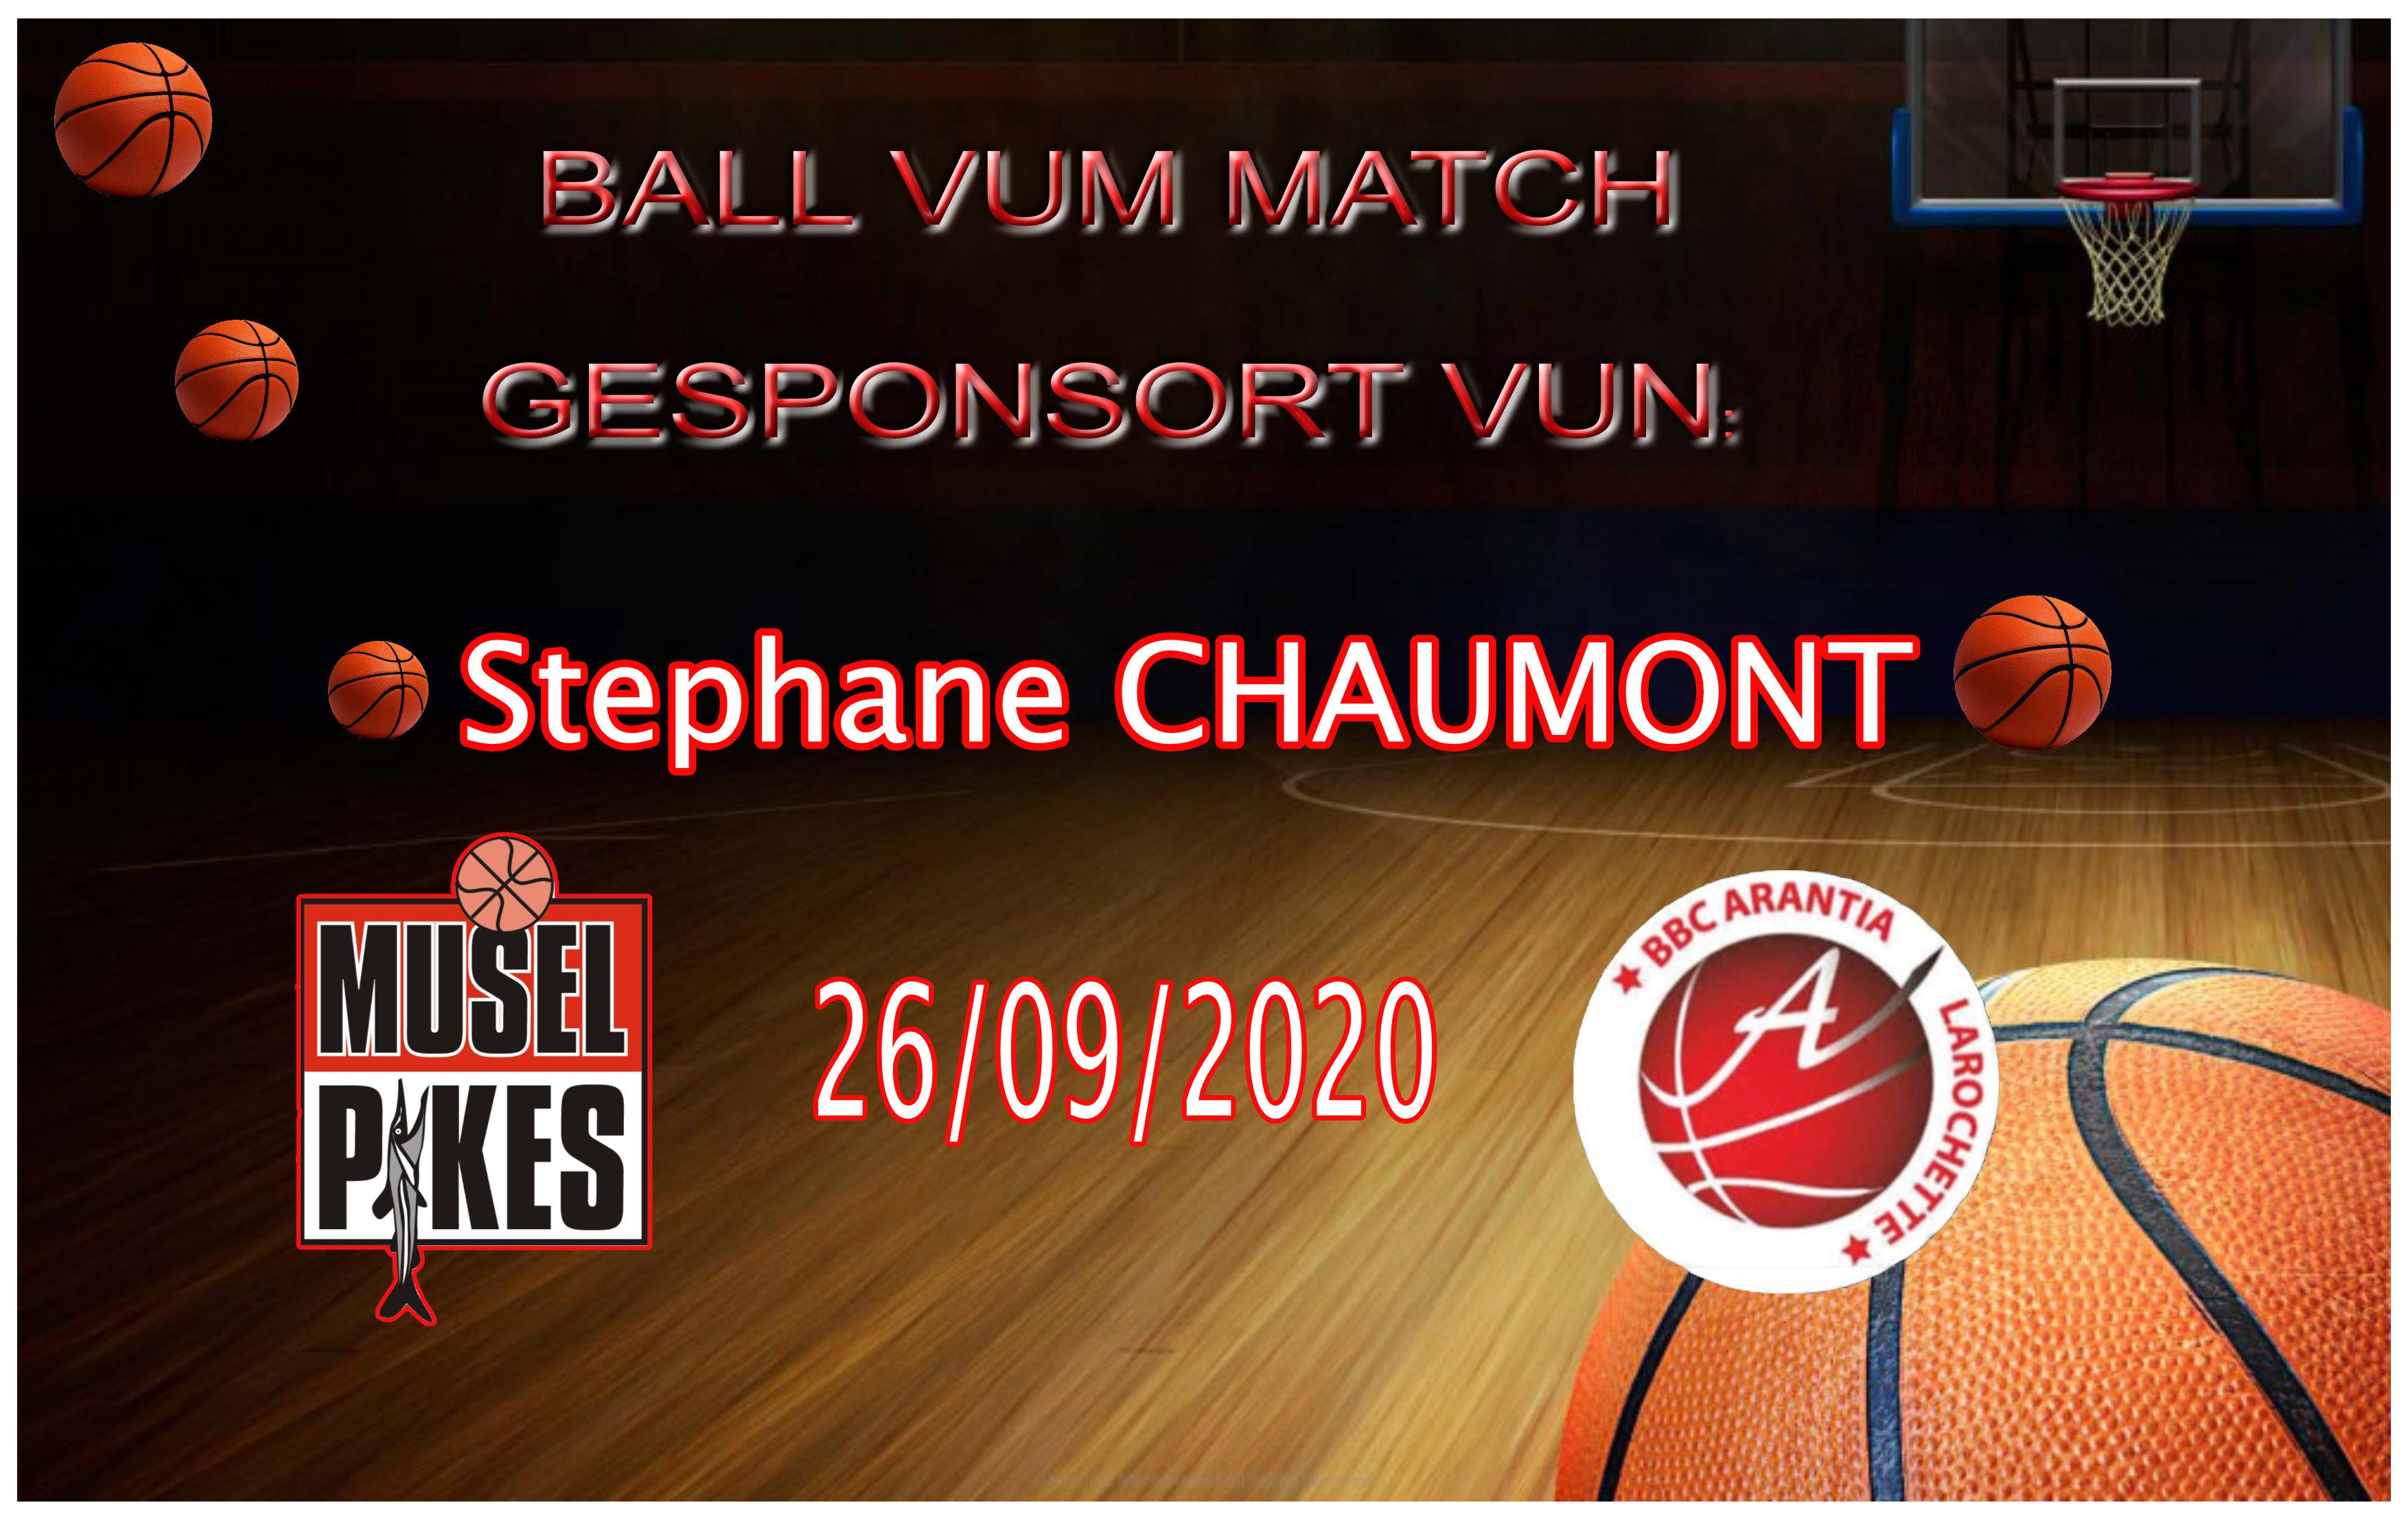 Stephane Chaumont sponsort de Ball vum Match Pikes-Arantia